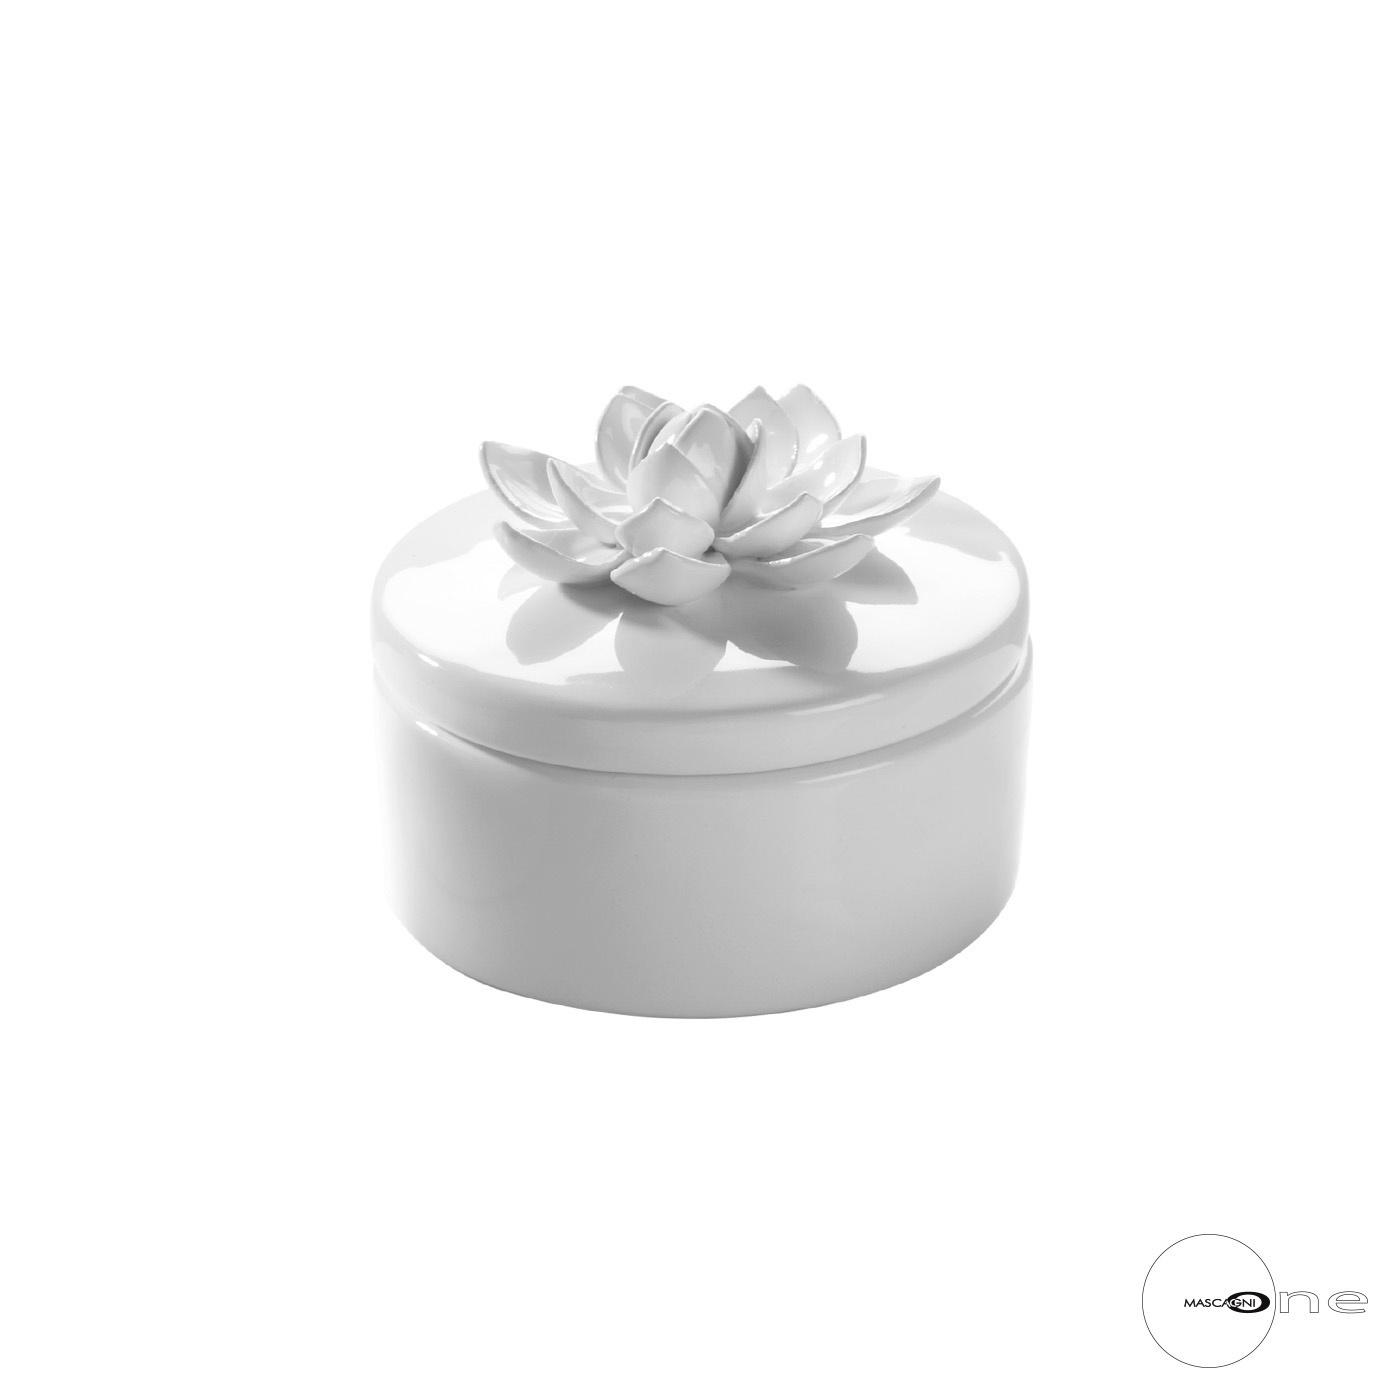 Art Mascagni O1500 BOX DIAM.11 - COL.WHITE